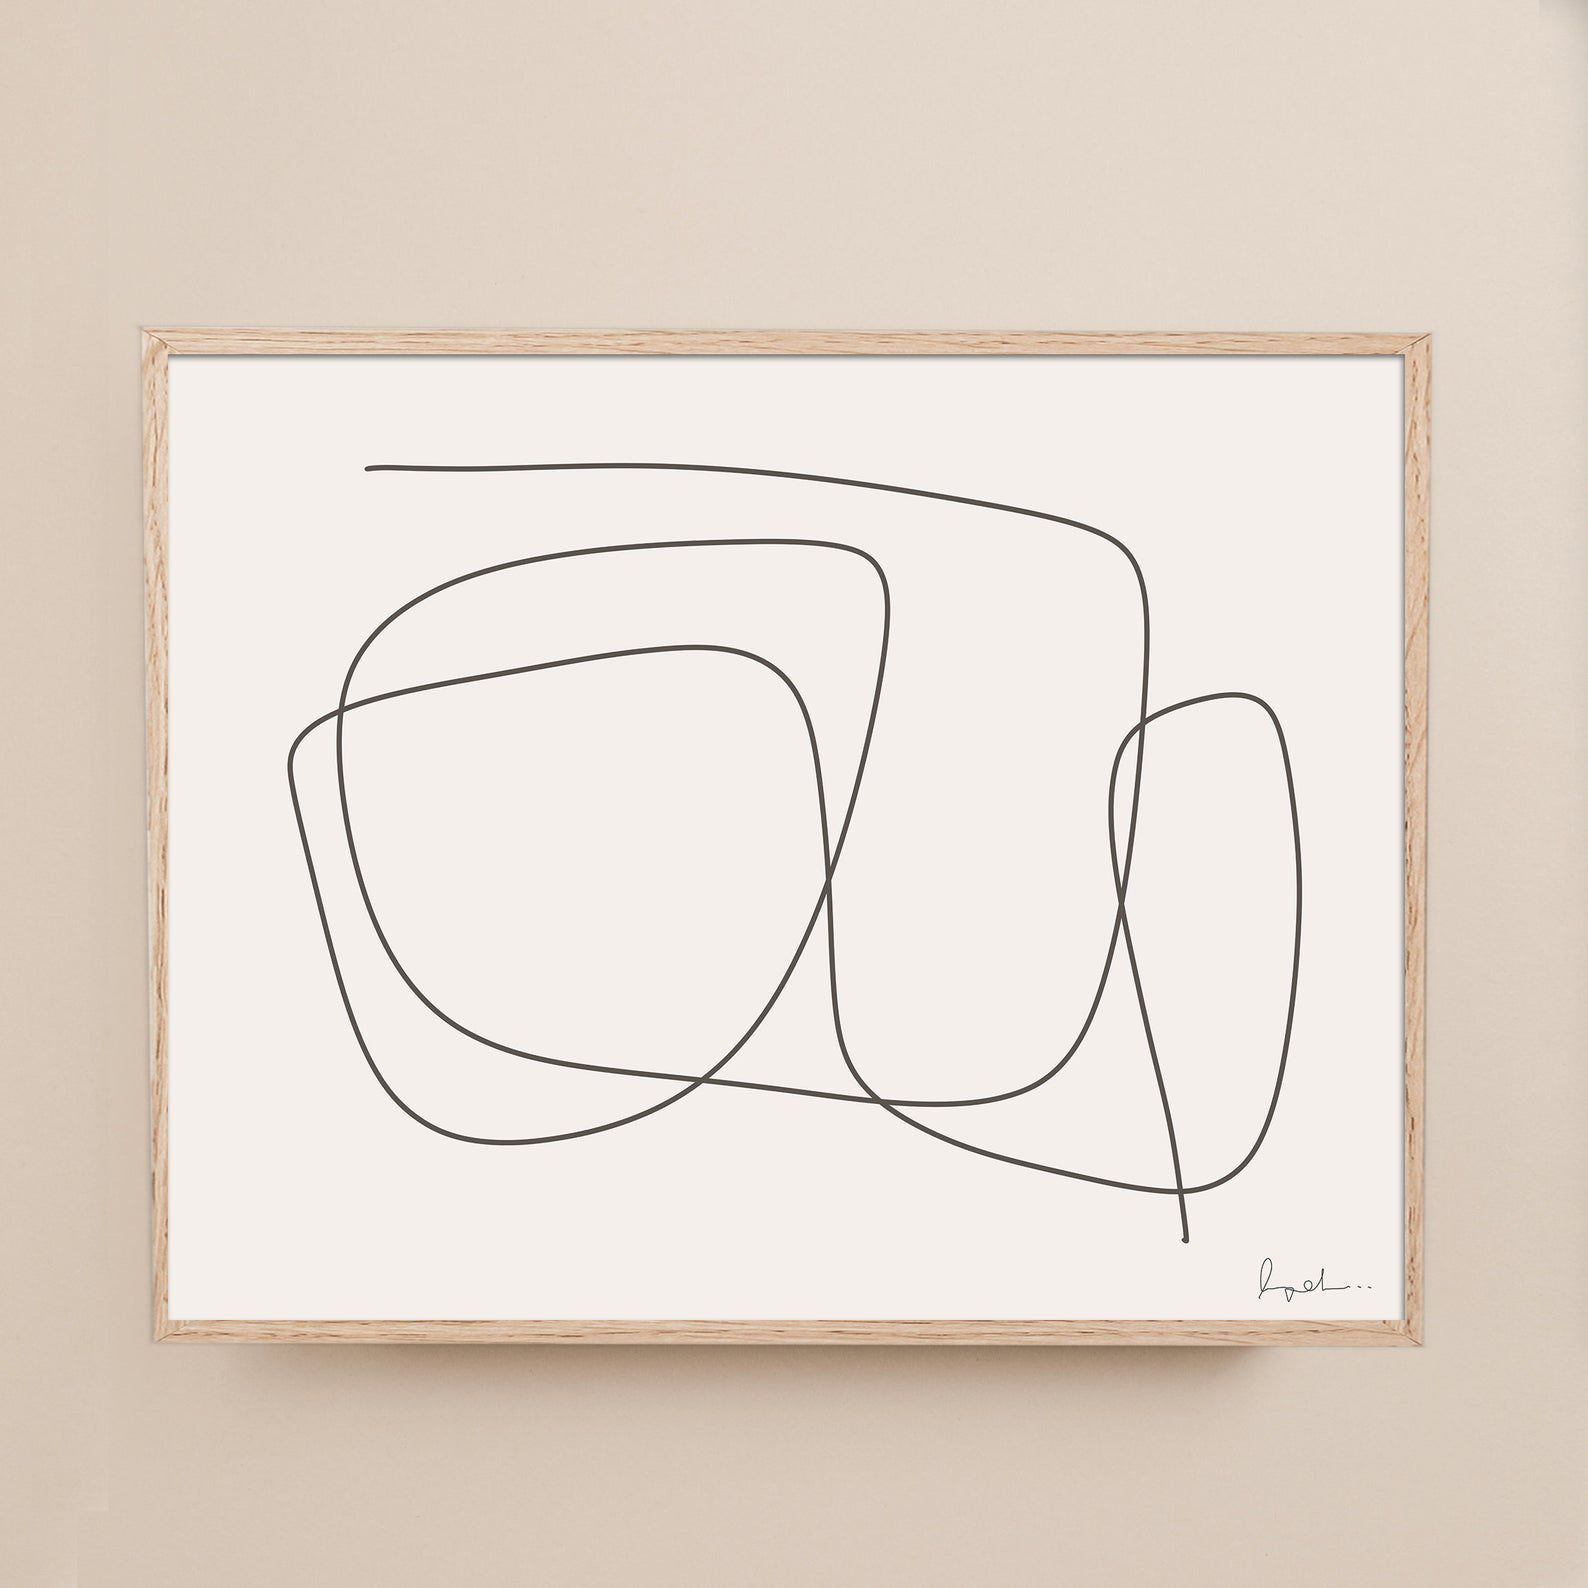 Minimalist Line Art